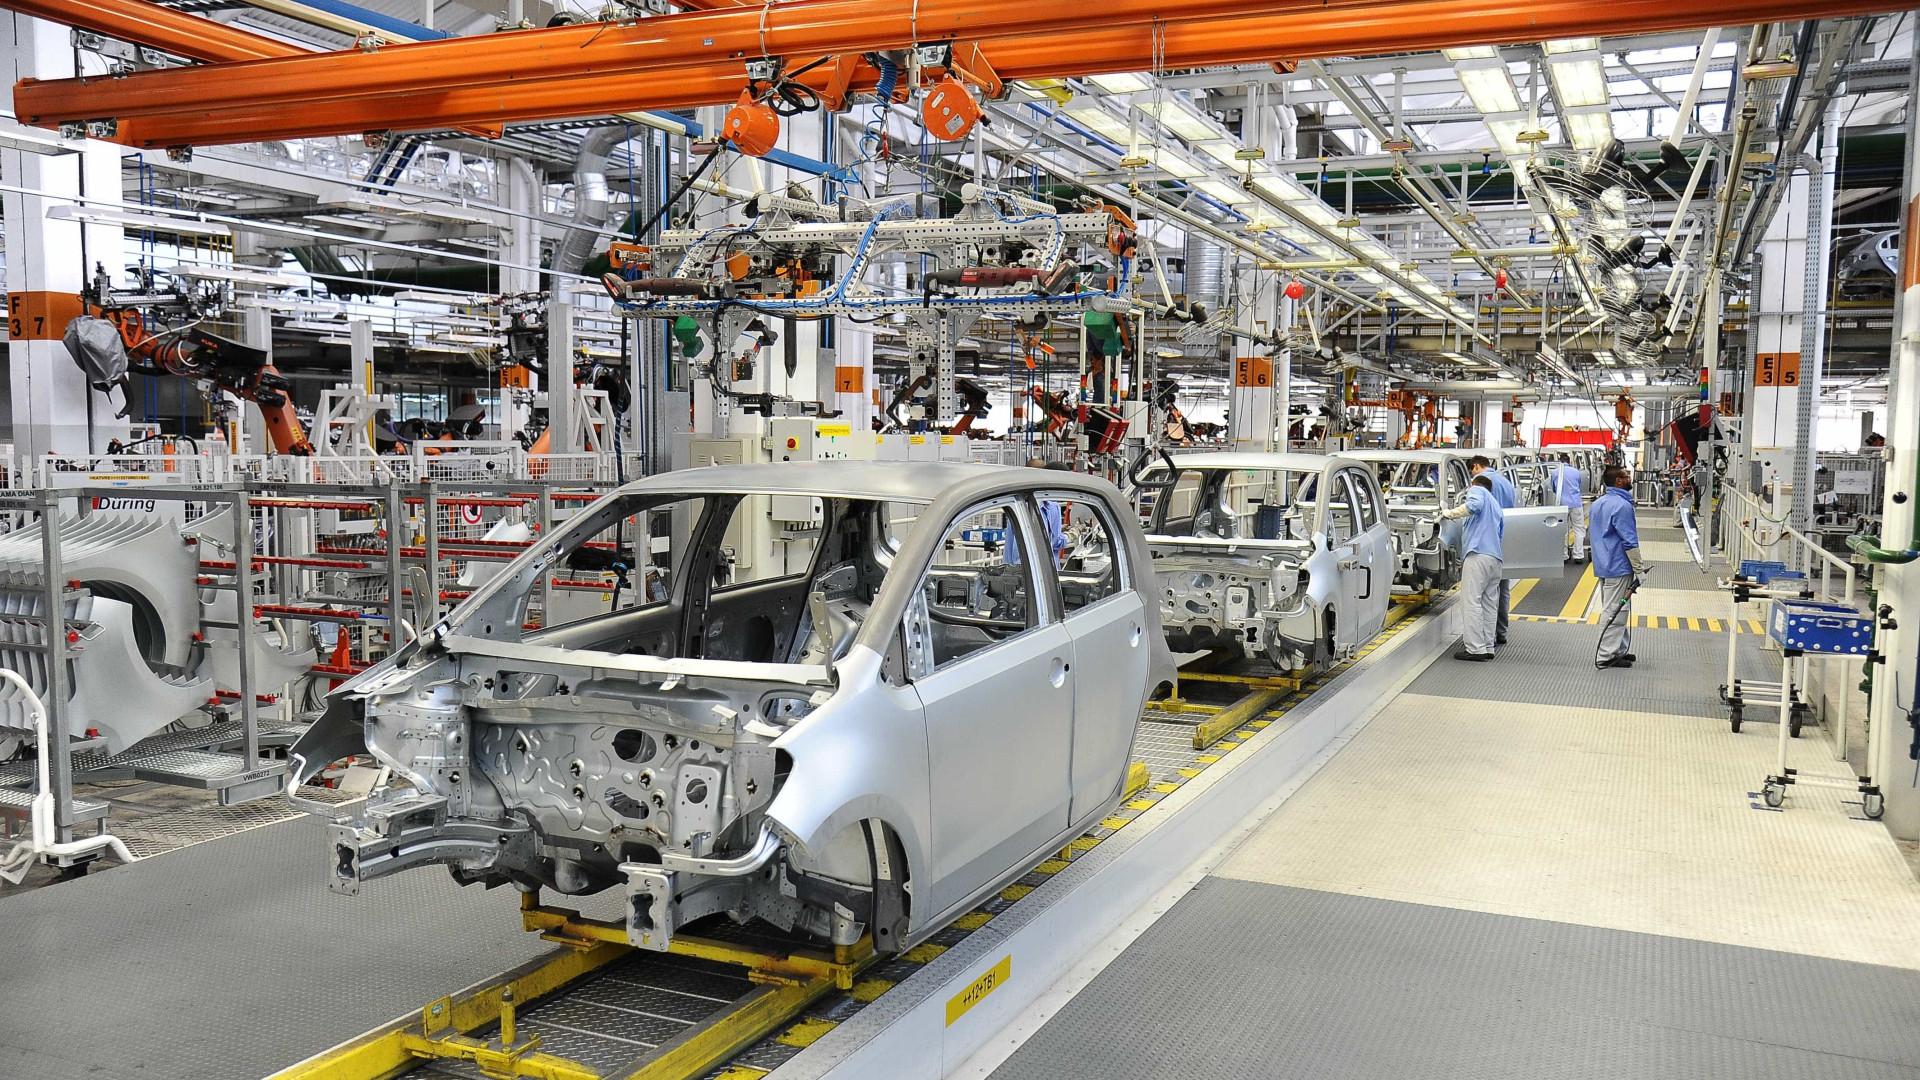 Índice de confiança da indústria continua baixo, diz CNI